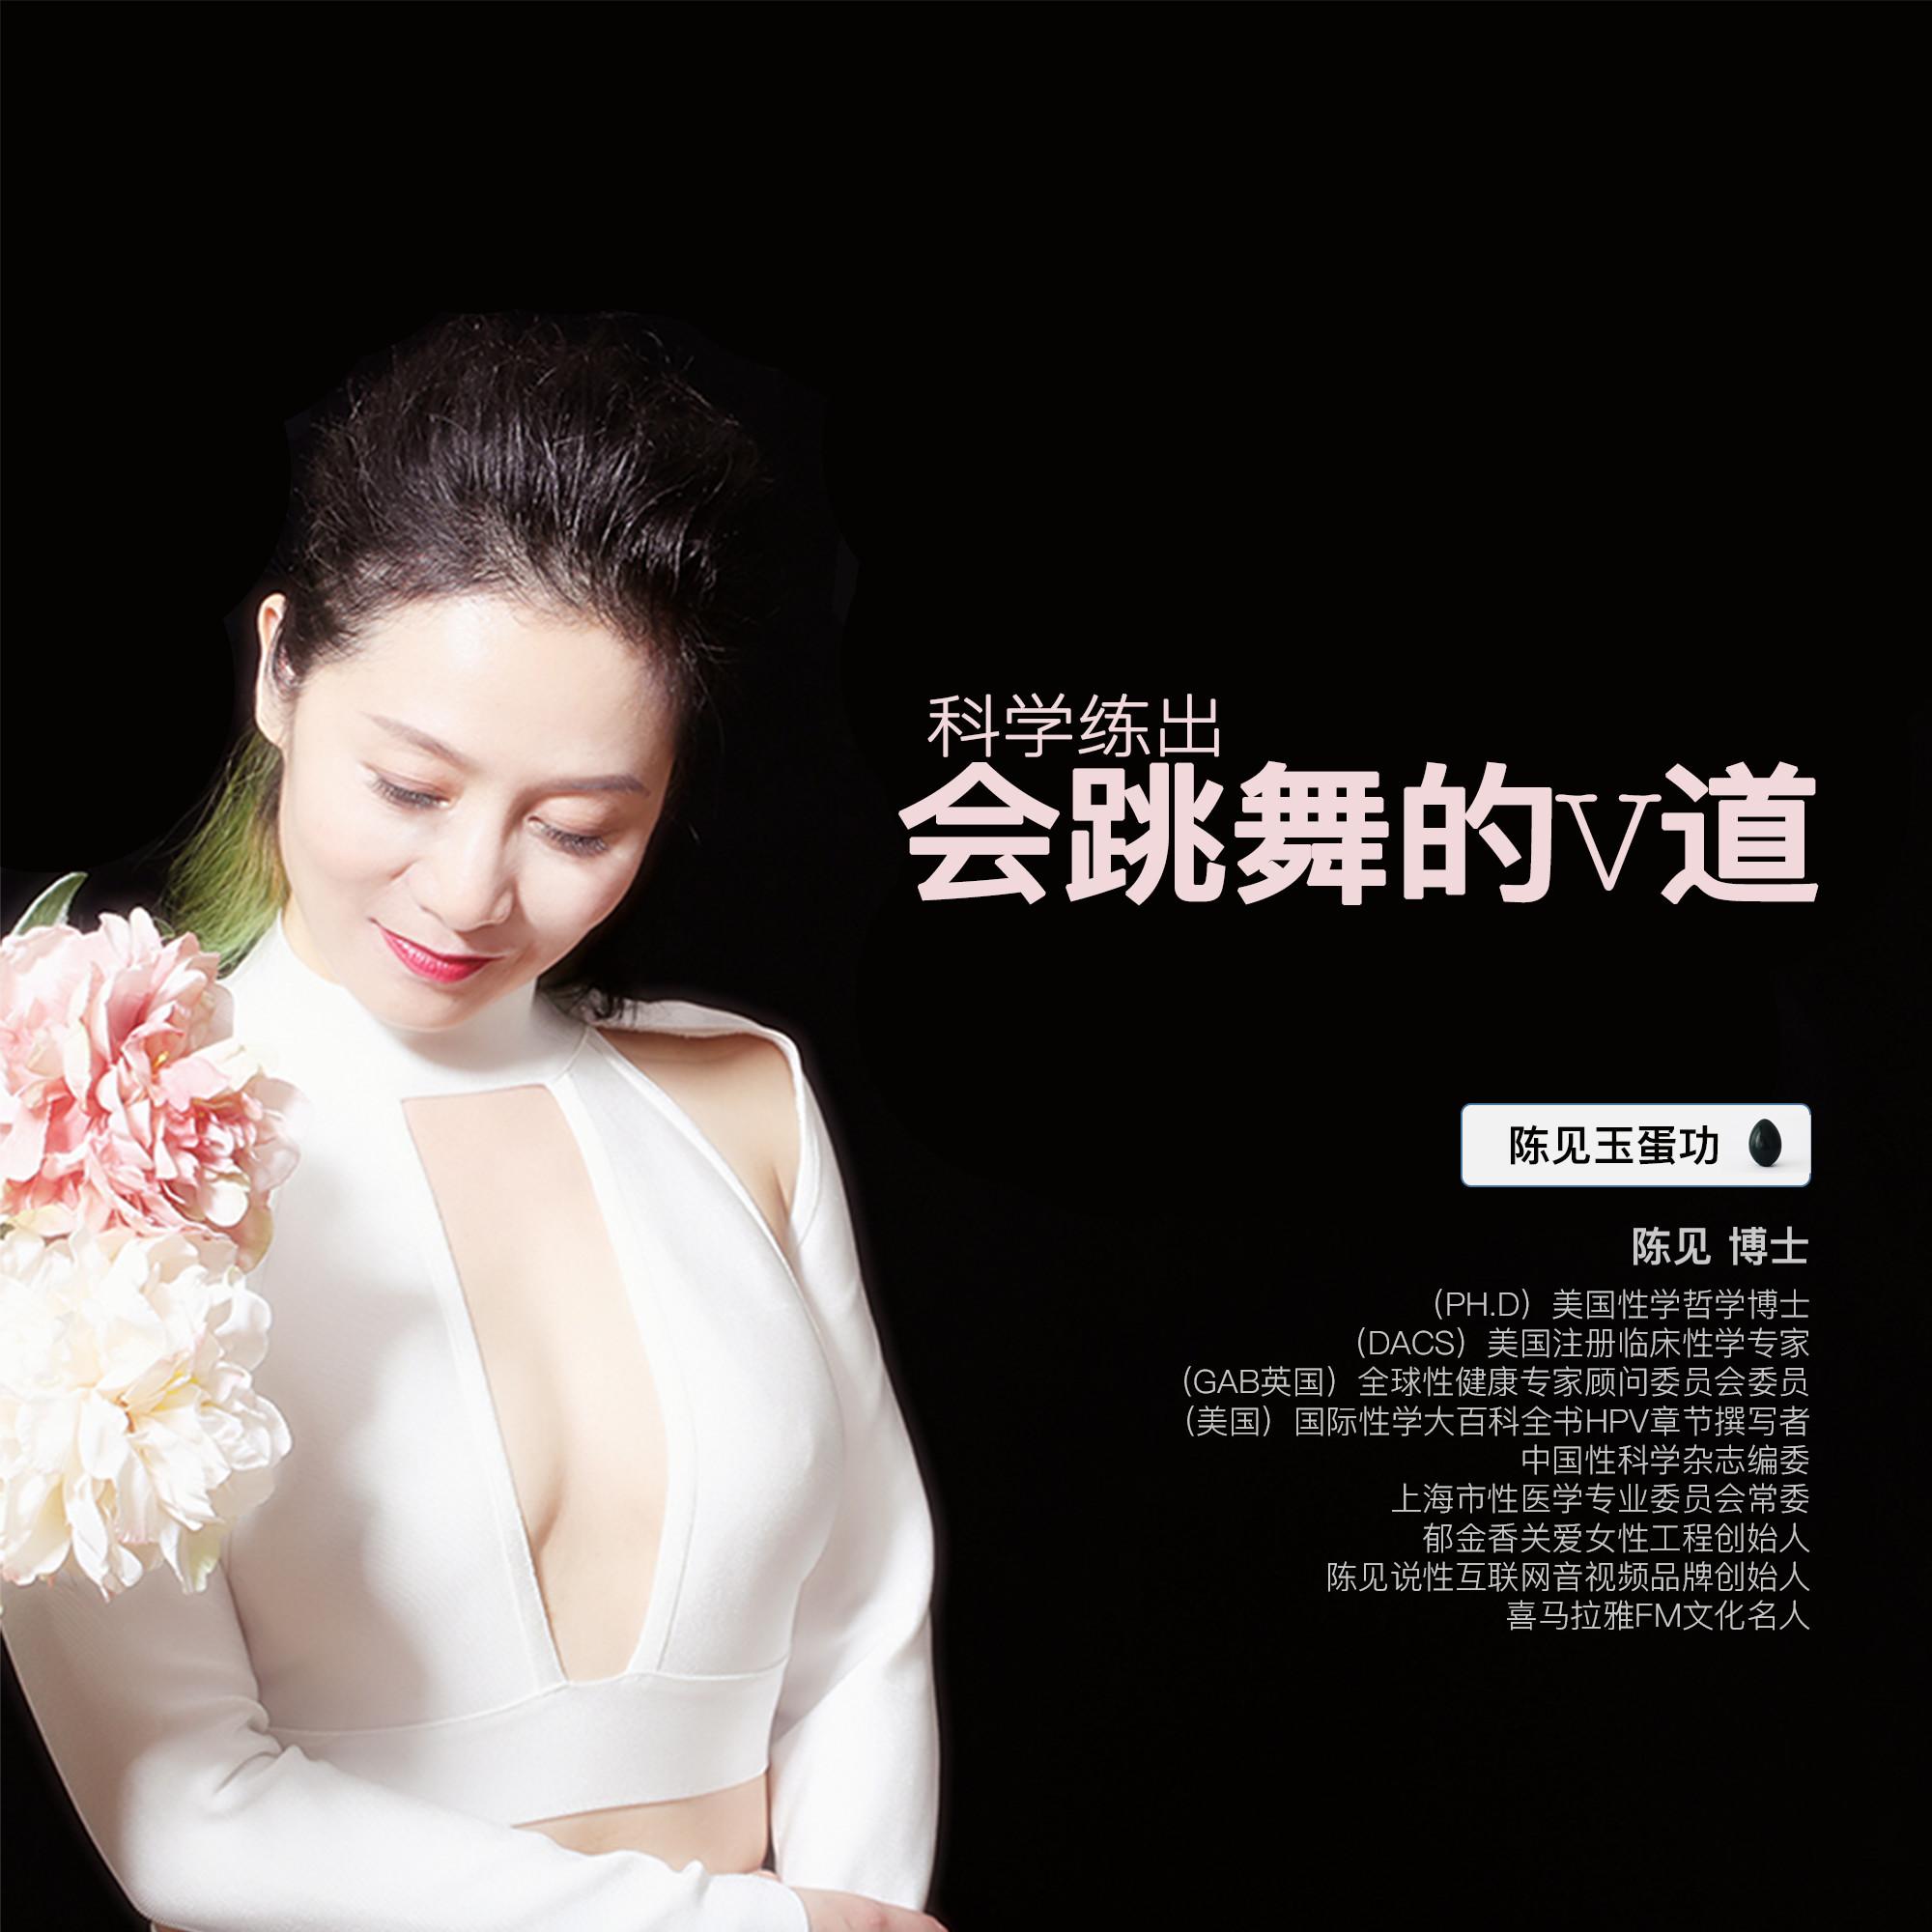 「 JEP© 陈见玉蛋功 」商标专利线上教程礼包 商品图0